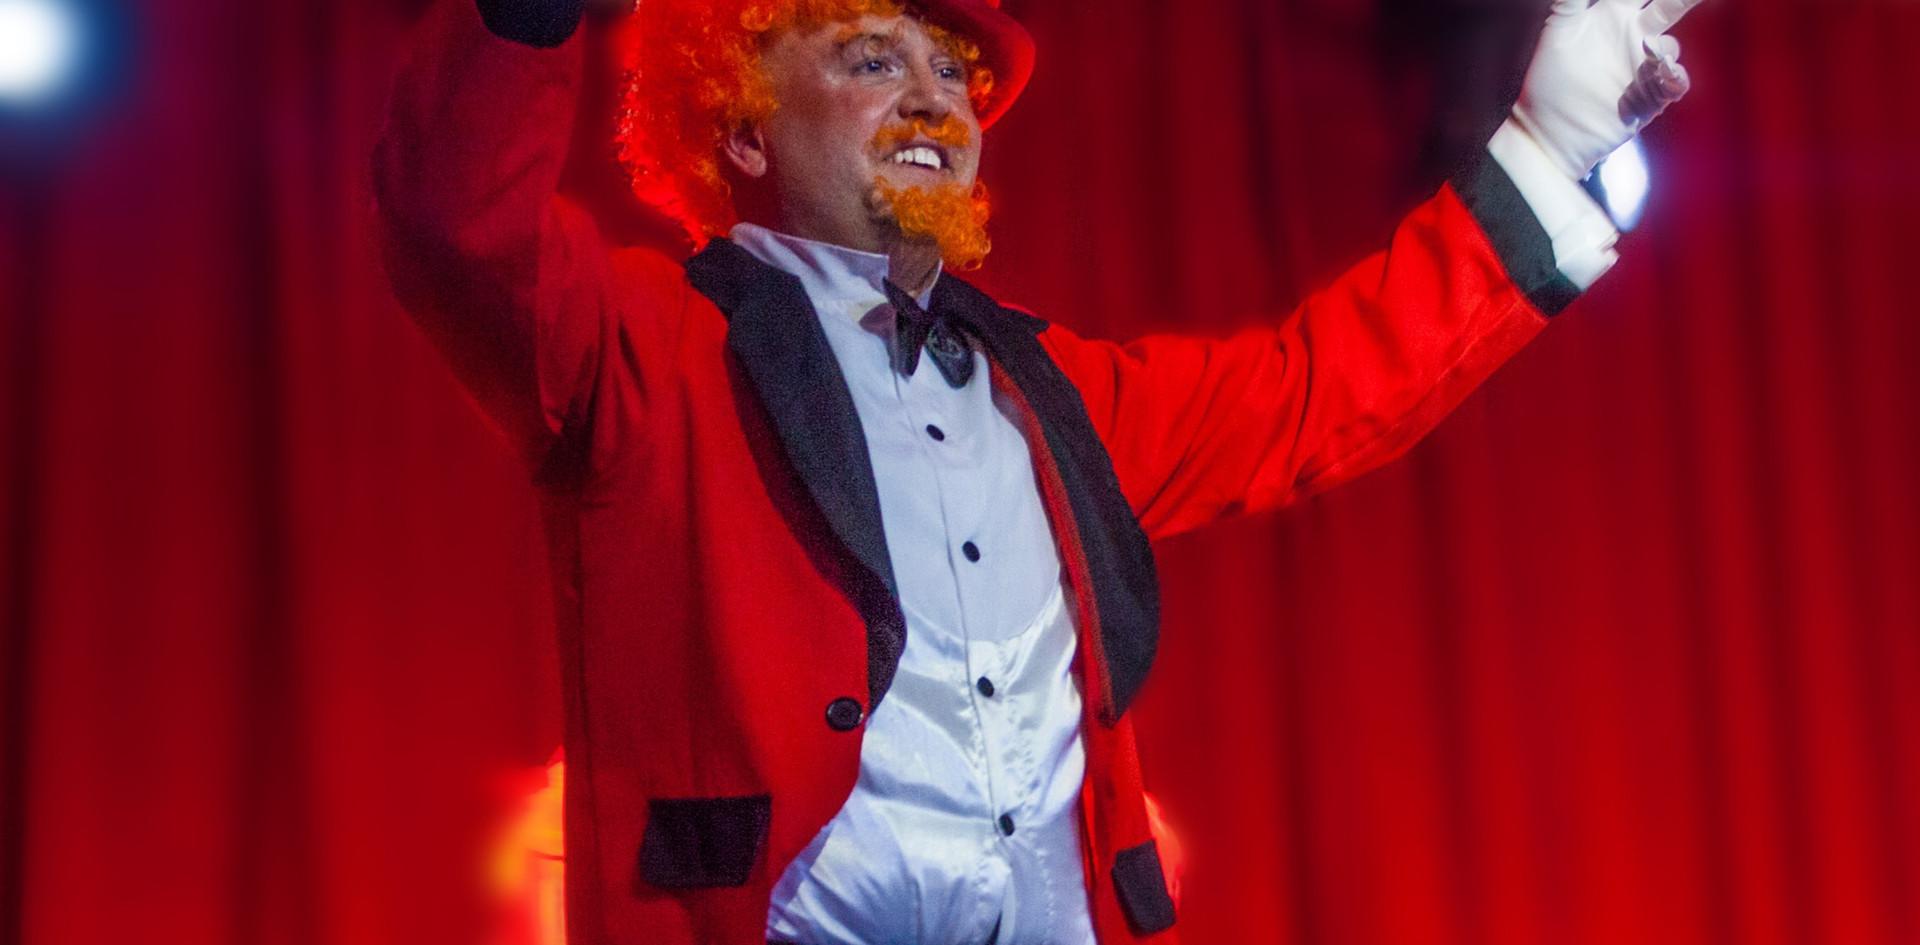 Craig Wilde as Zidler Moulin Rouge